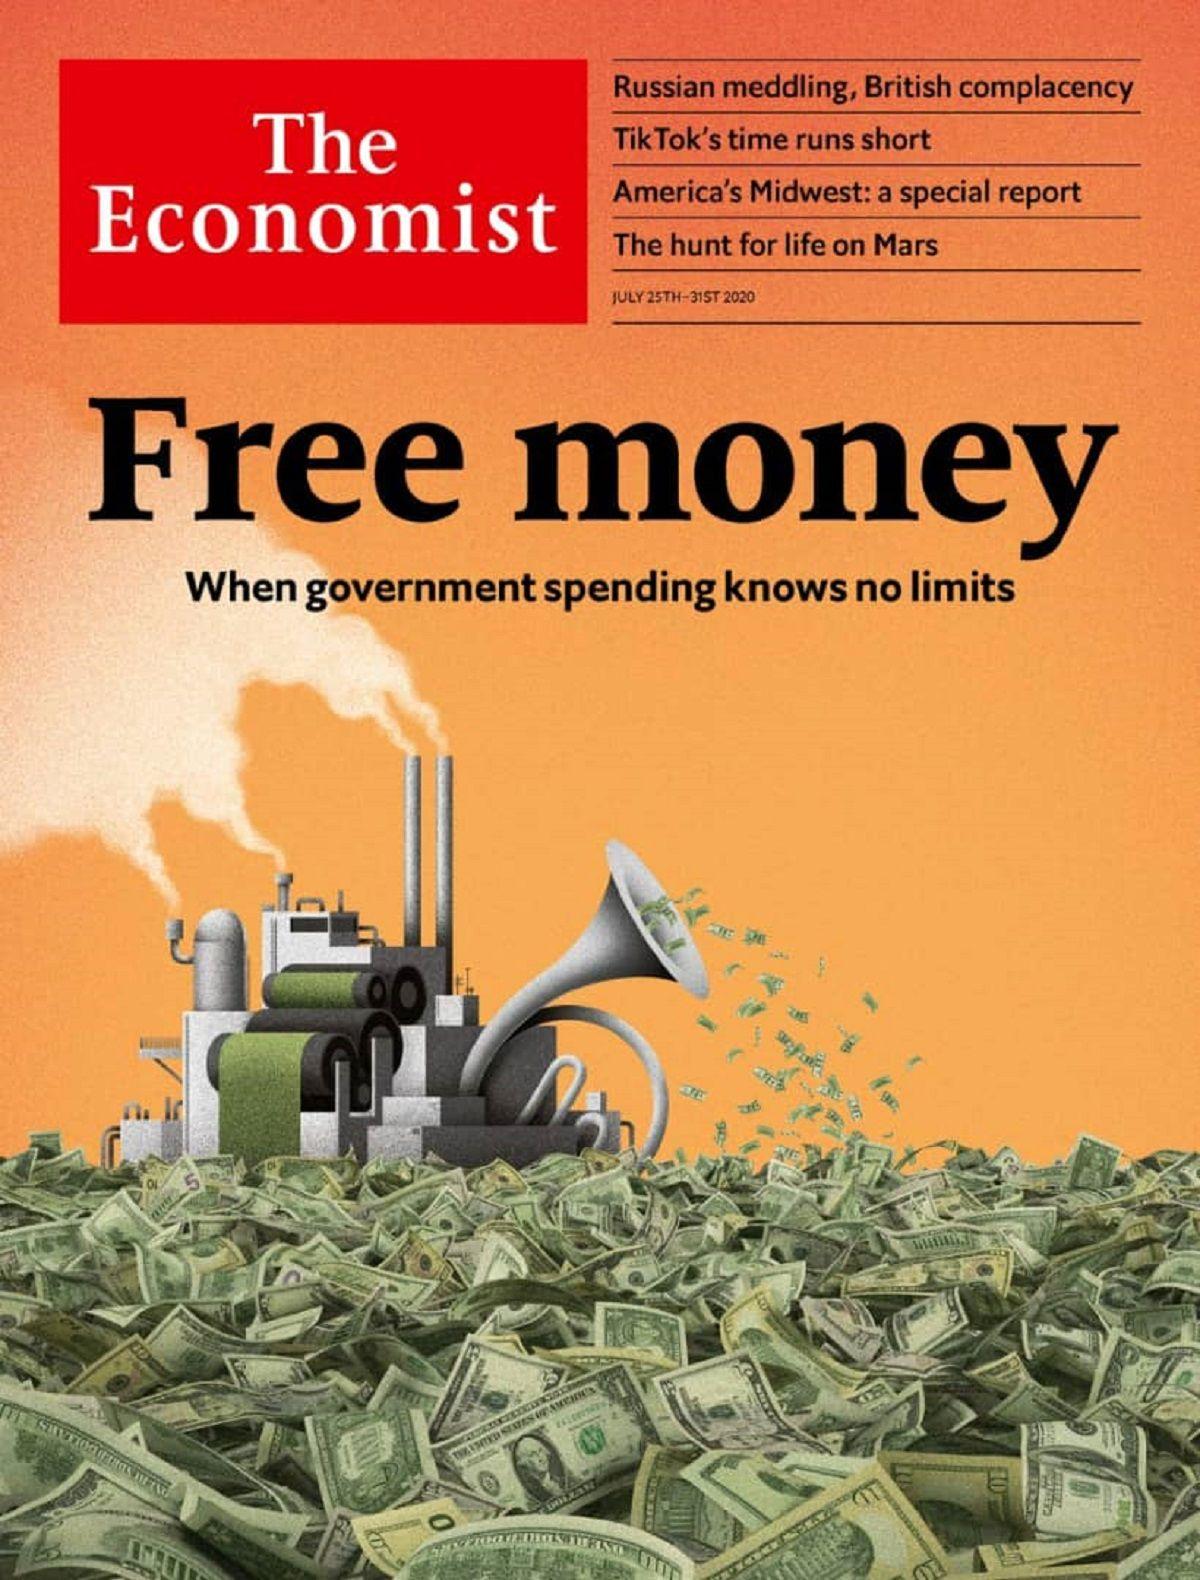 پول رایگان؛ روی جلد اکونومیست